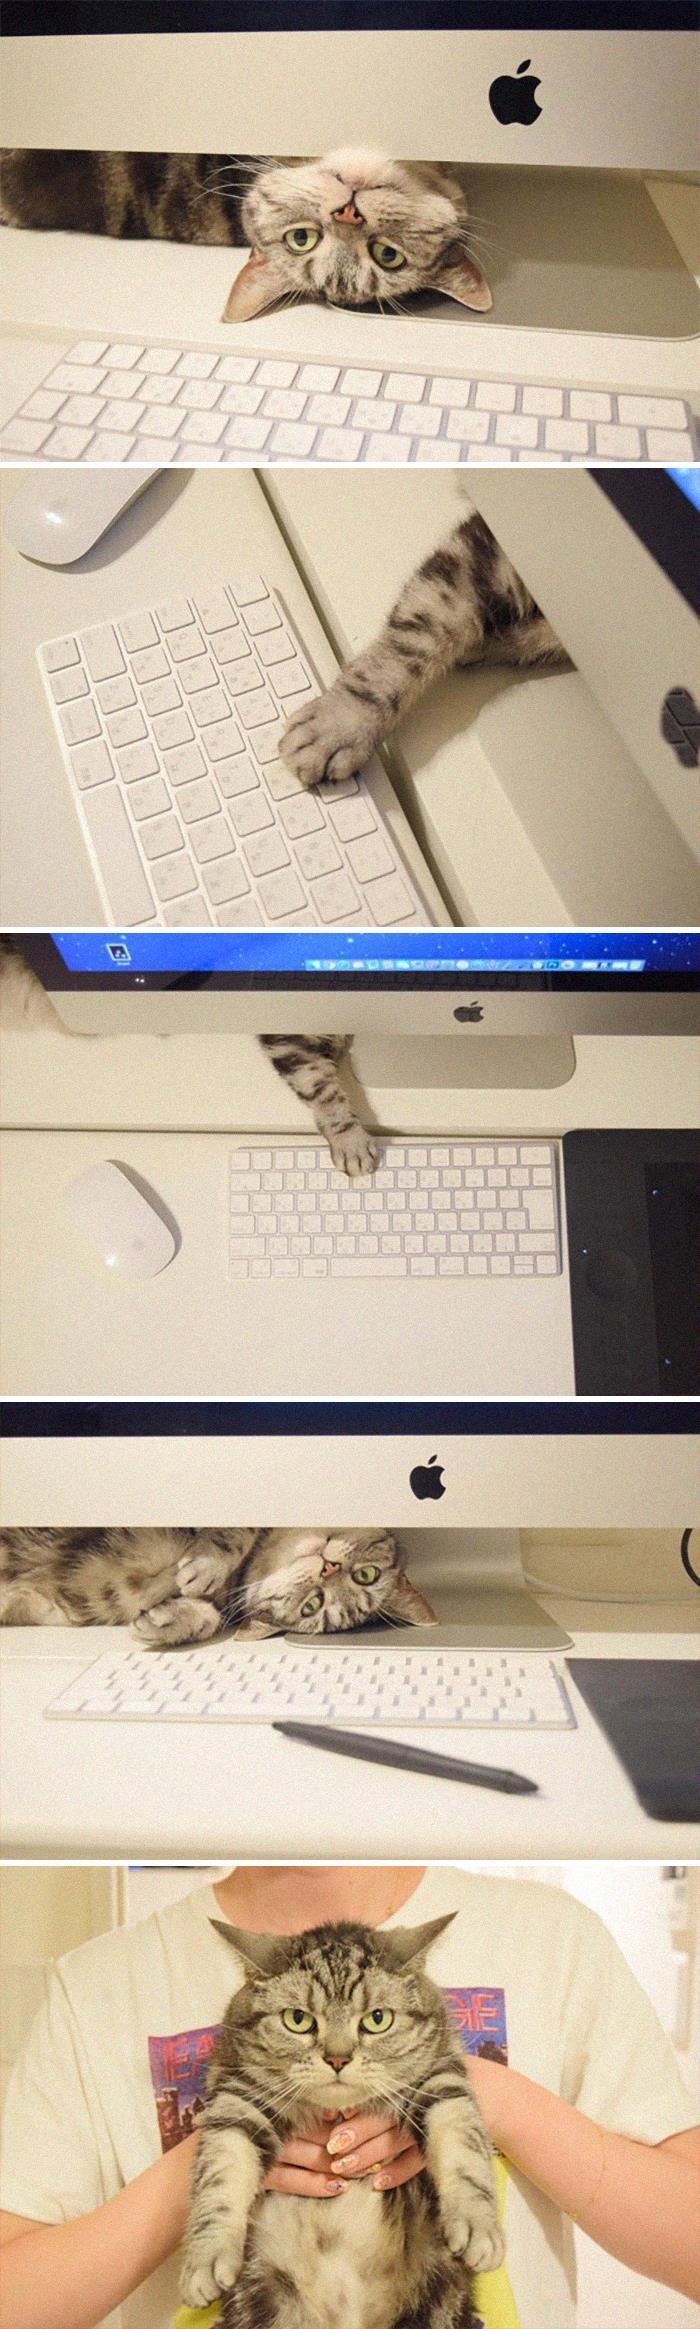 35 fotos de gatos hilariantes que você precisa ver 35